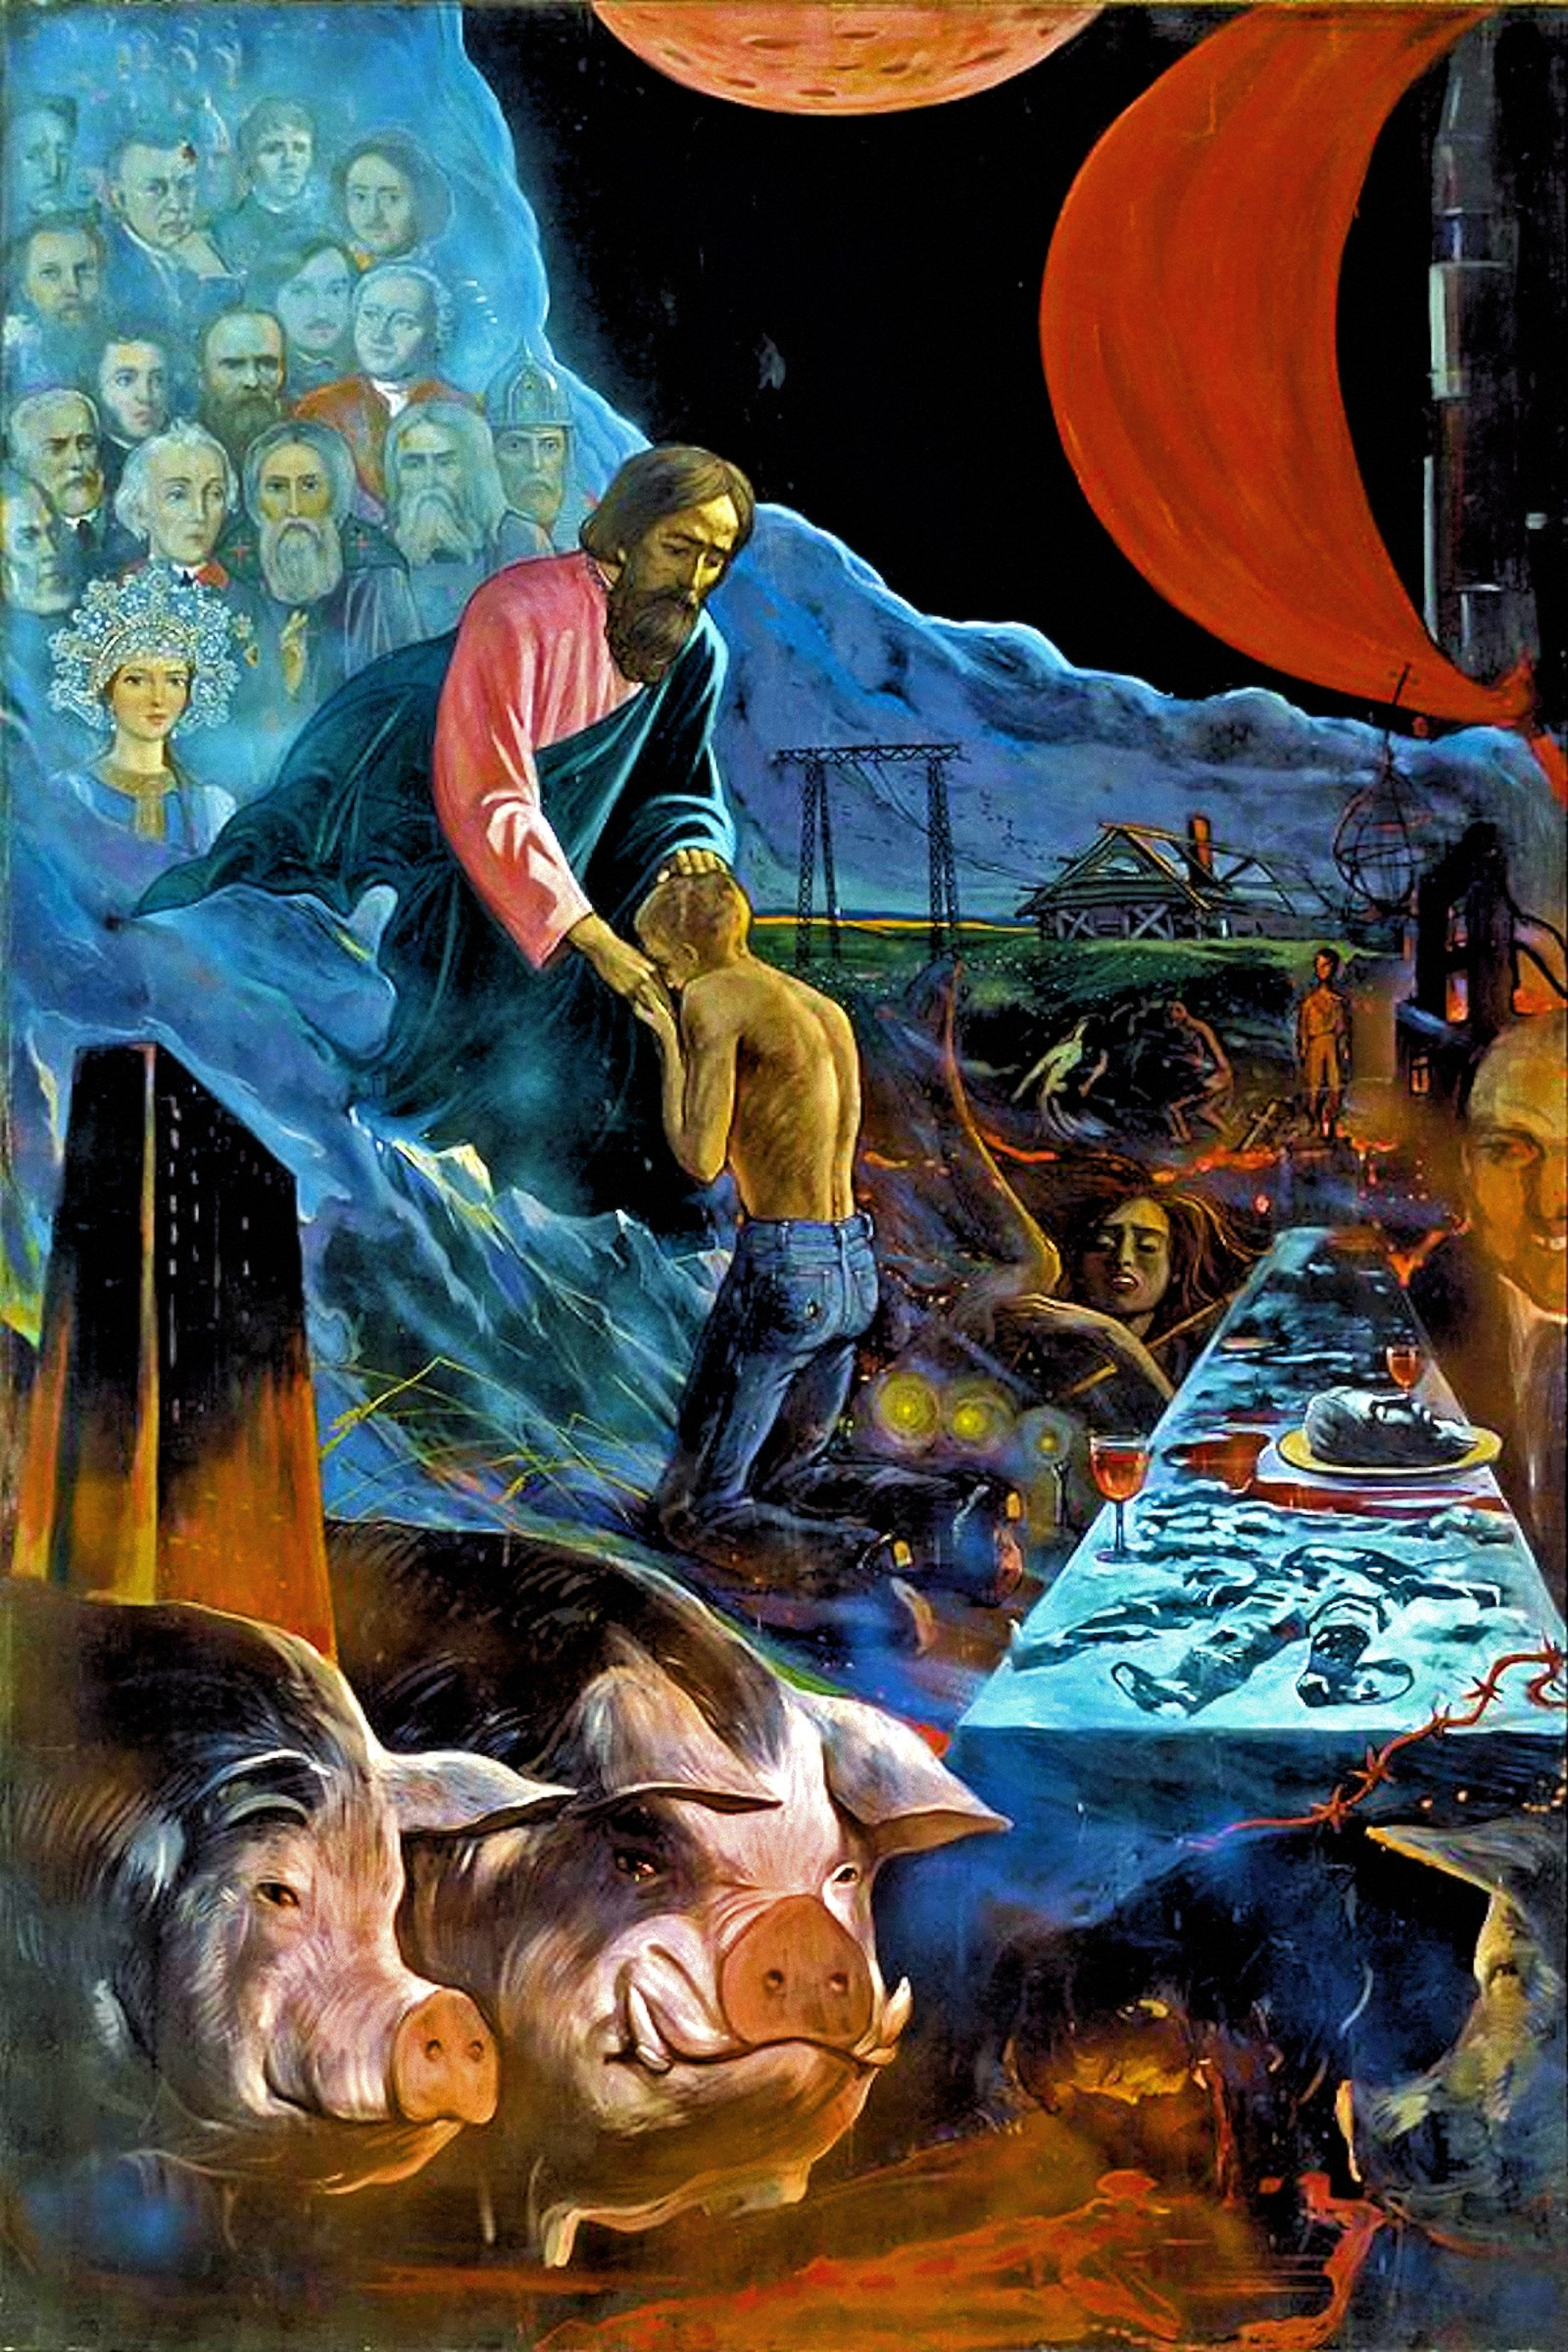 00 Ilya Glazunov. The Return of the Prodigal Son. 1977